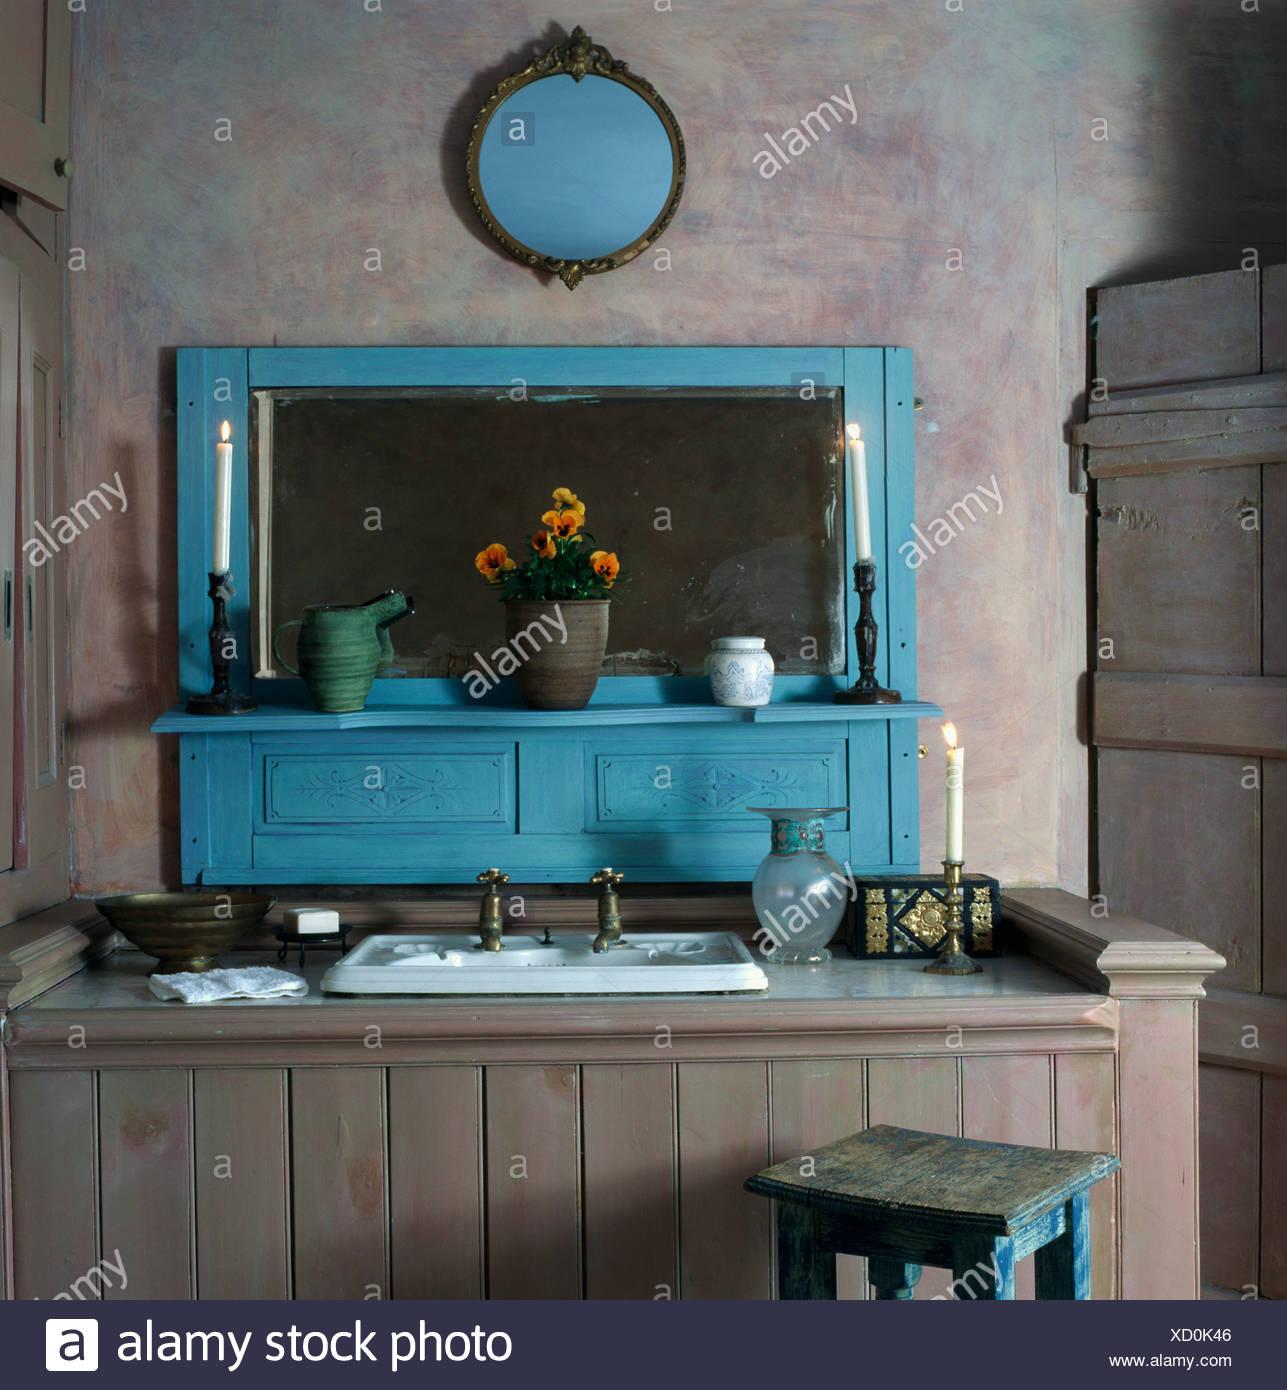 Becken In Grau Lime Gewaschen Getäfelten Waschtischunterbau In Blass Grau  Badezimmer Mit Türkis Gemalte Spiegel Und Kamin